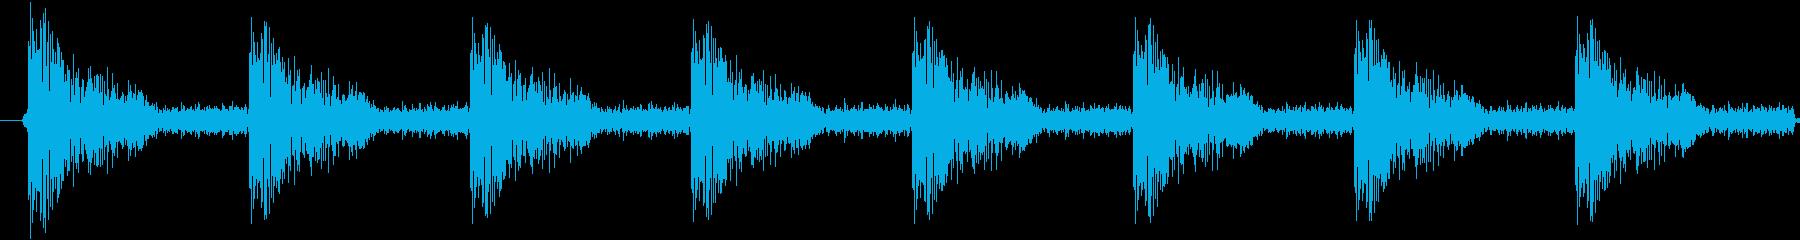 ダンスミュージック向けスネアドラム8発の再生済みの波形